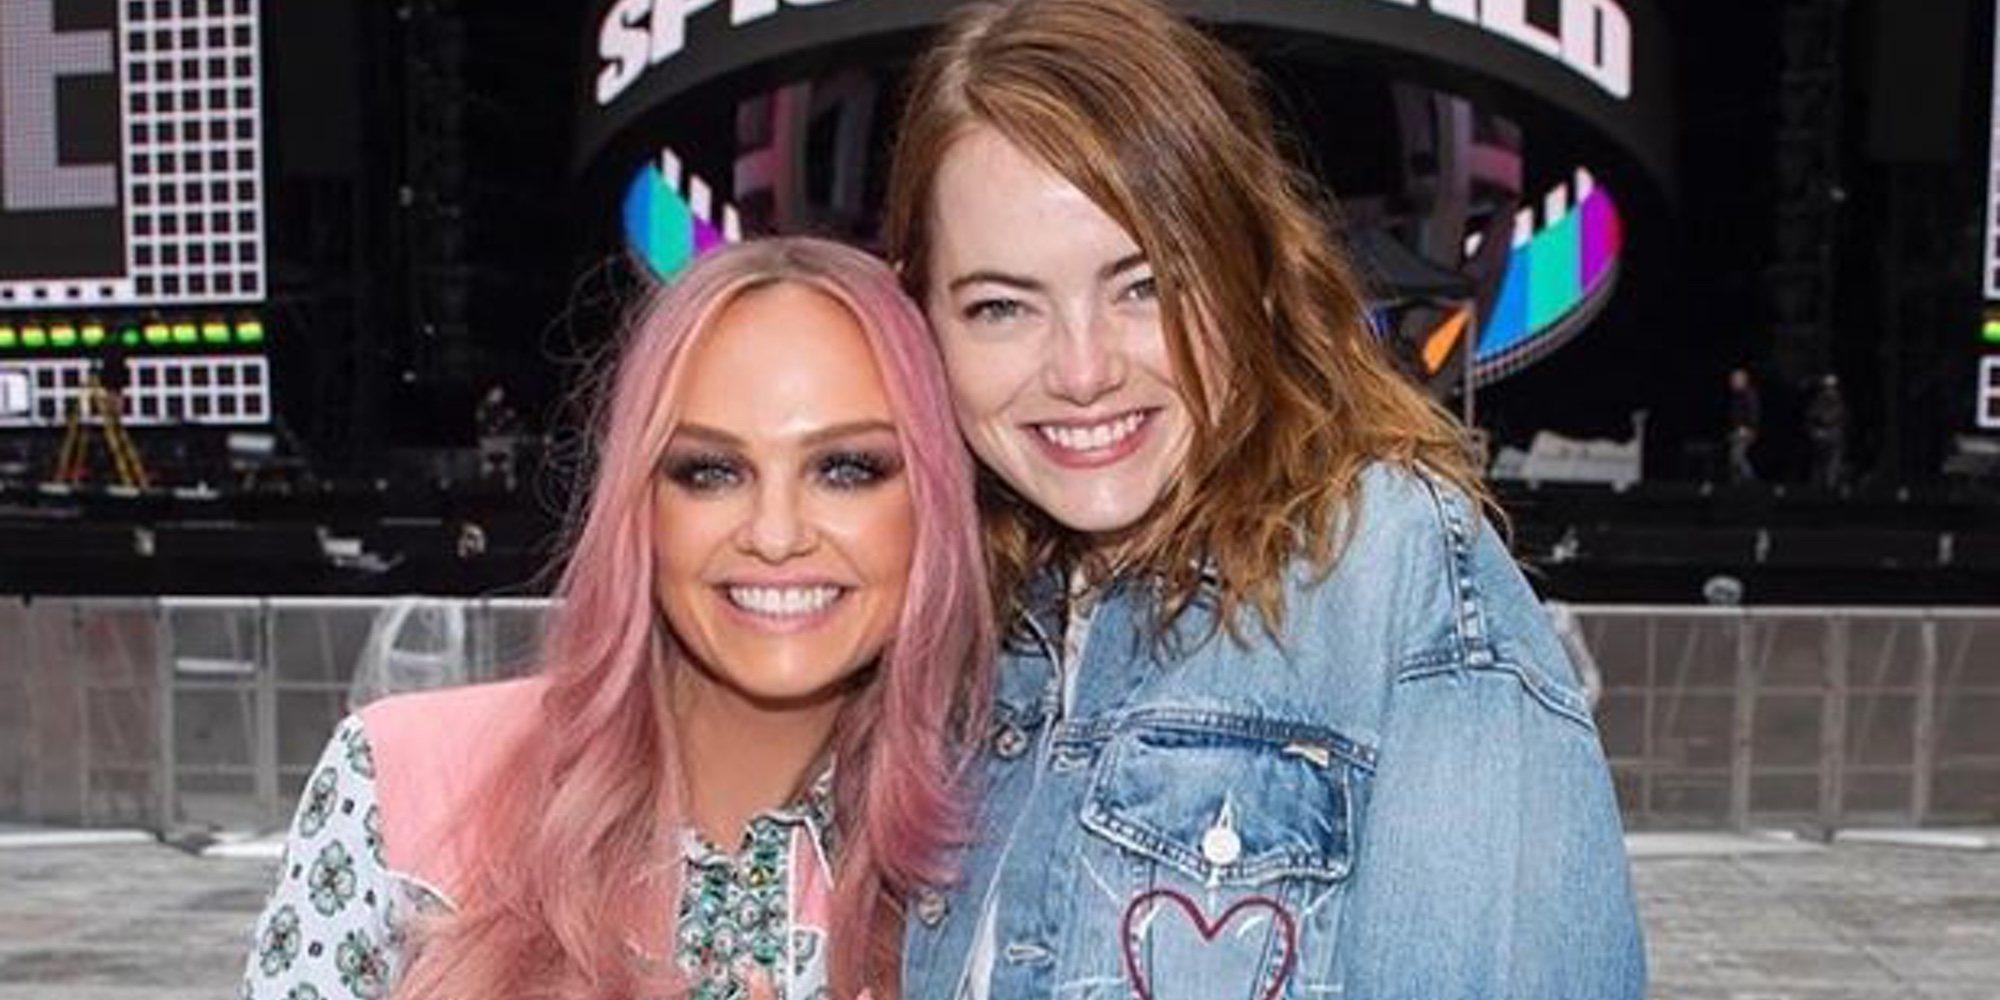 Emma Stone cumple su sueño de conocer a Emma Bunton, su favorita de las Spice Girls